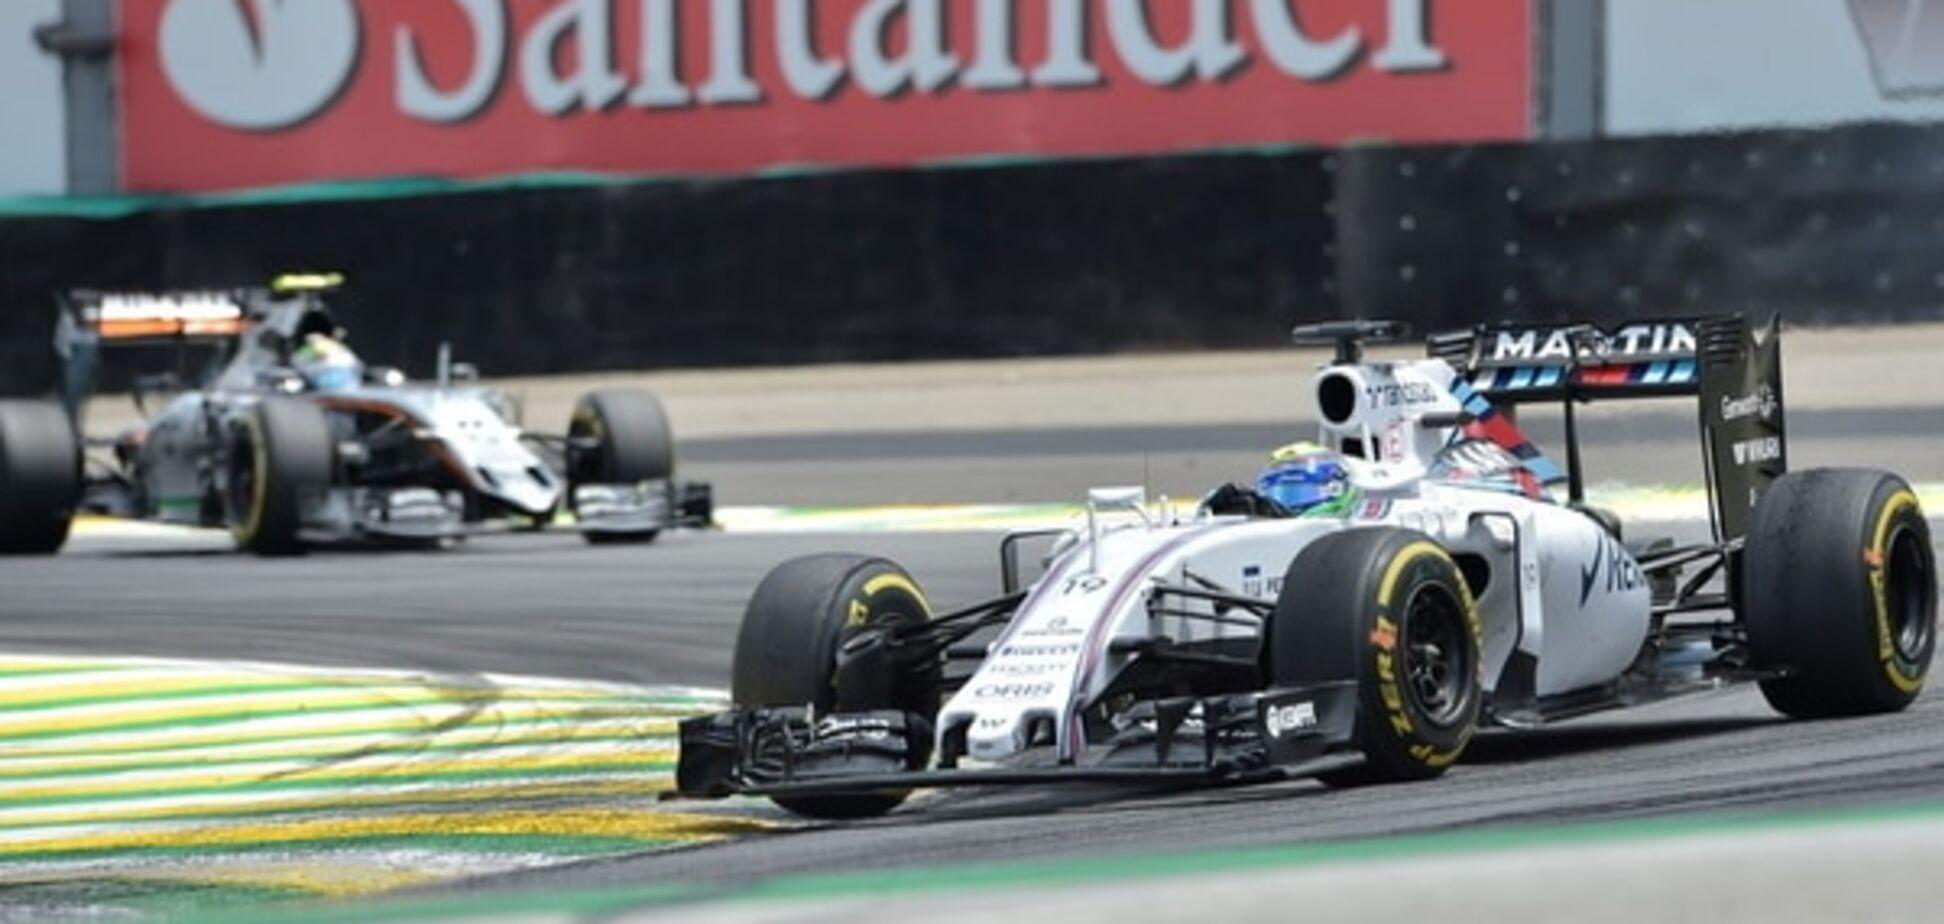 Гран-при Формулы-1 в Бразилии завершился скандалом